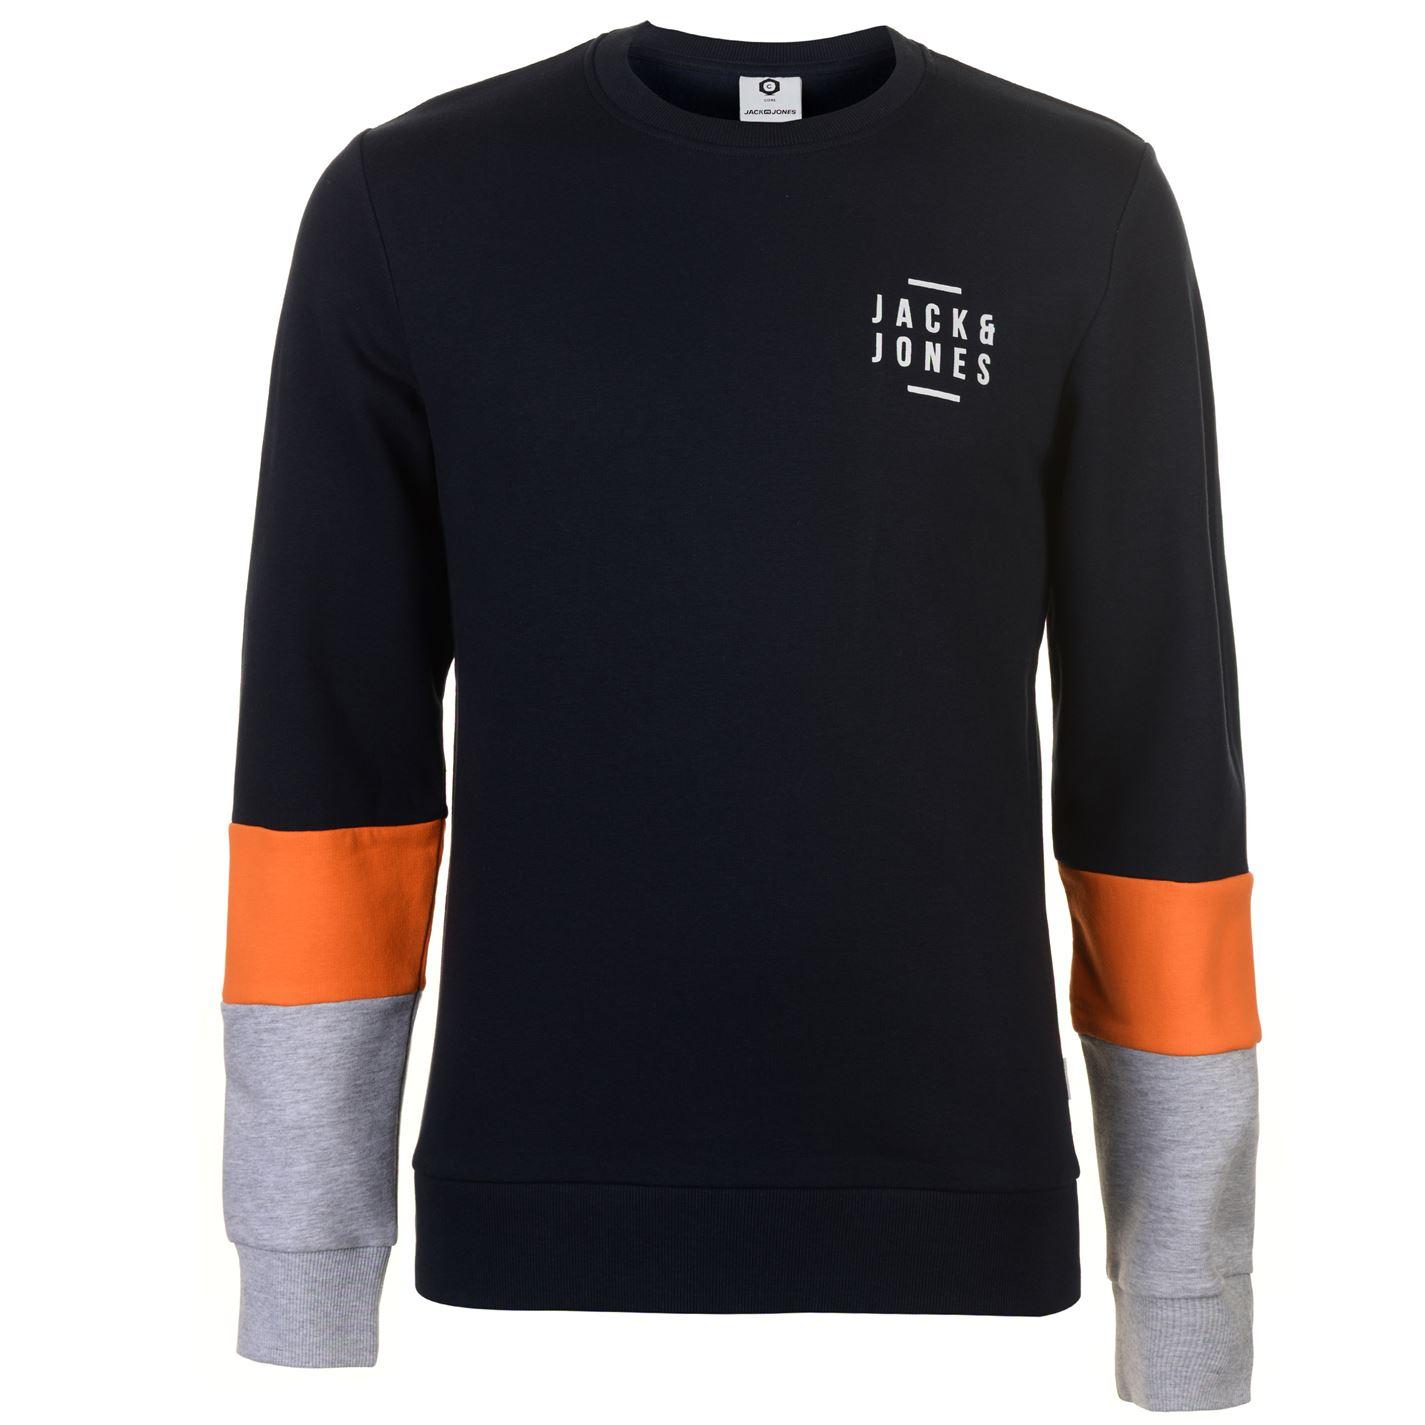 Jack and Jones Core Former Sweatshirt